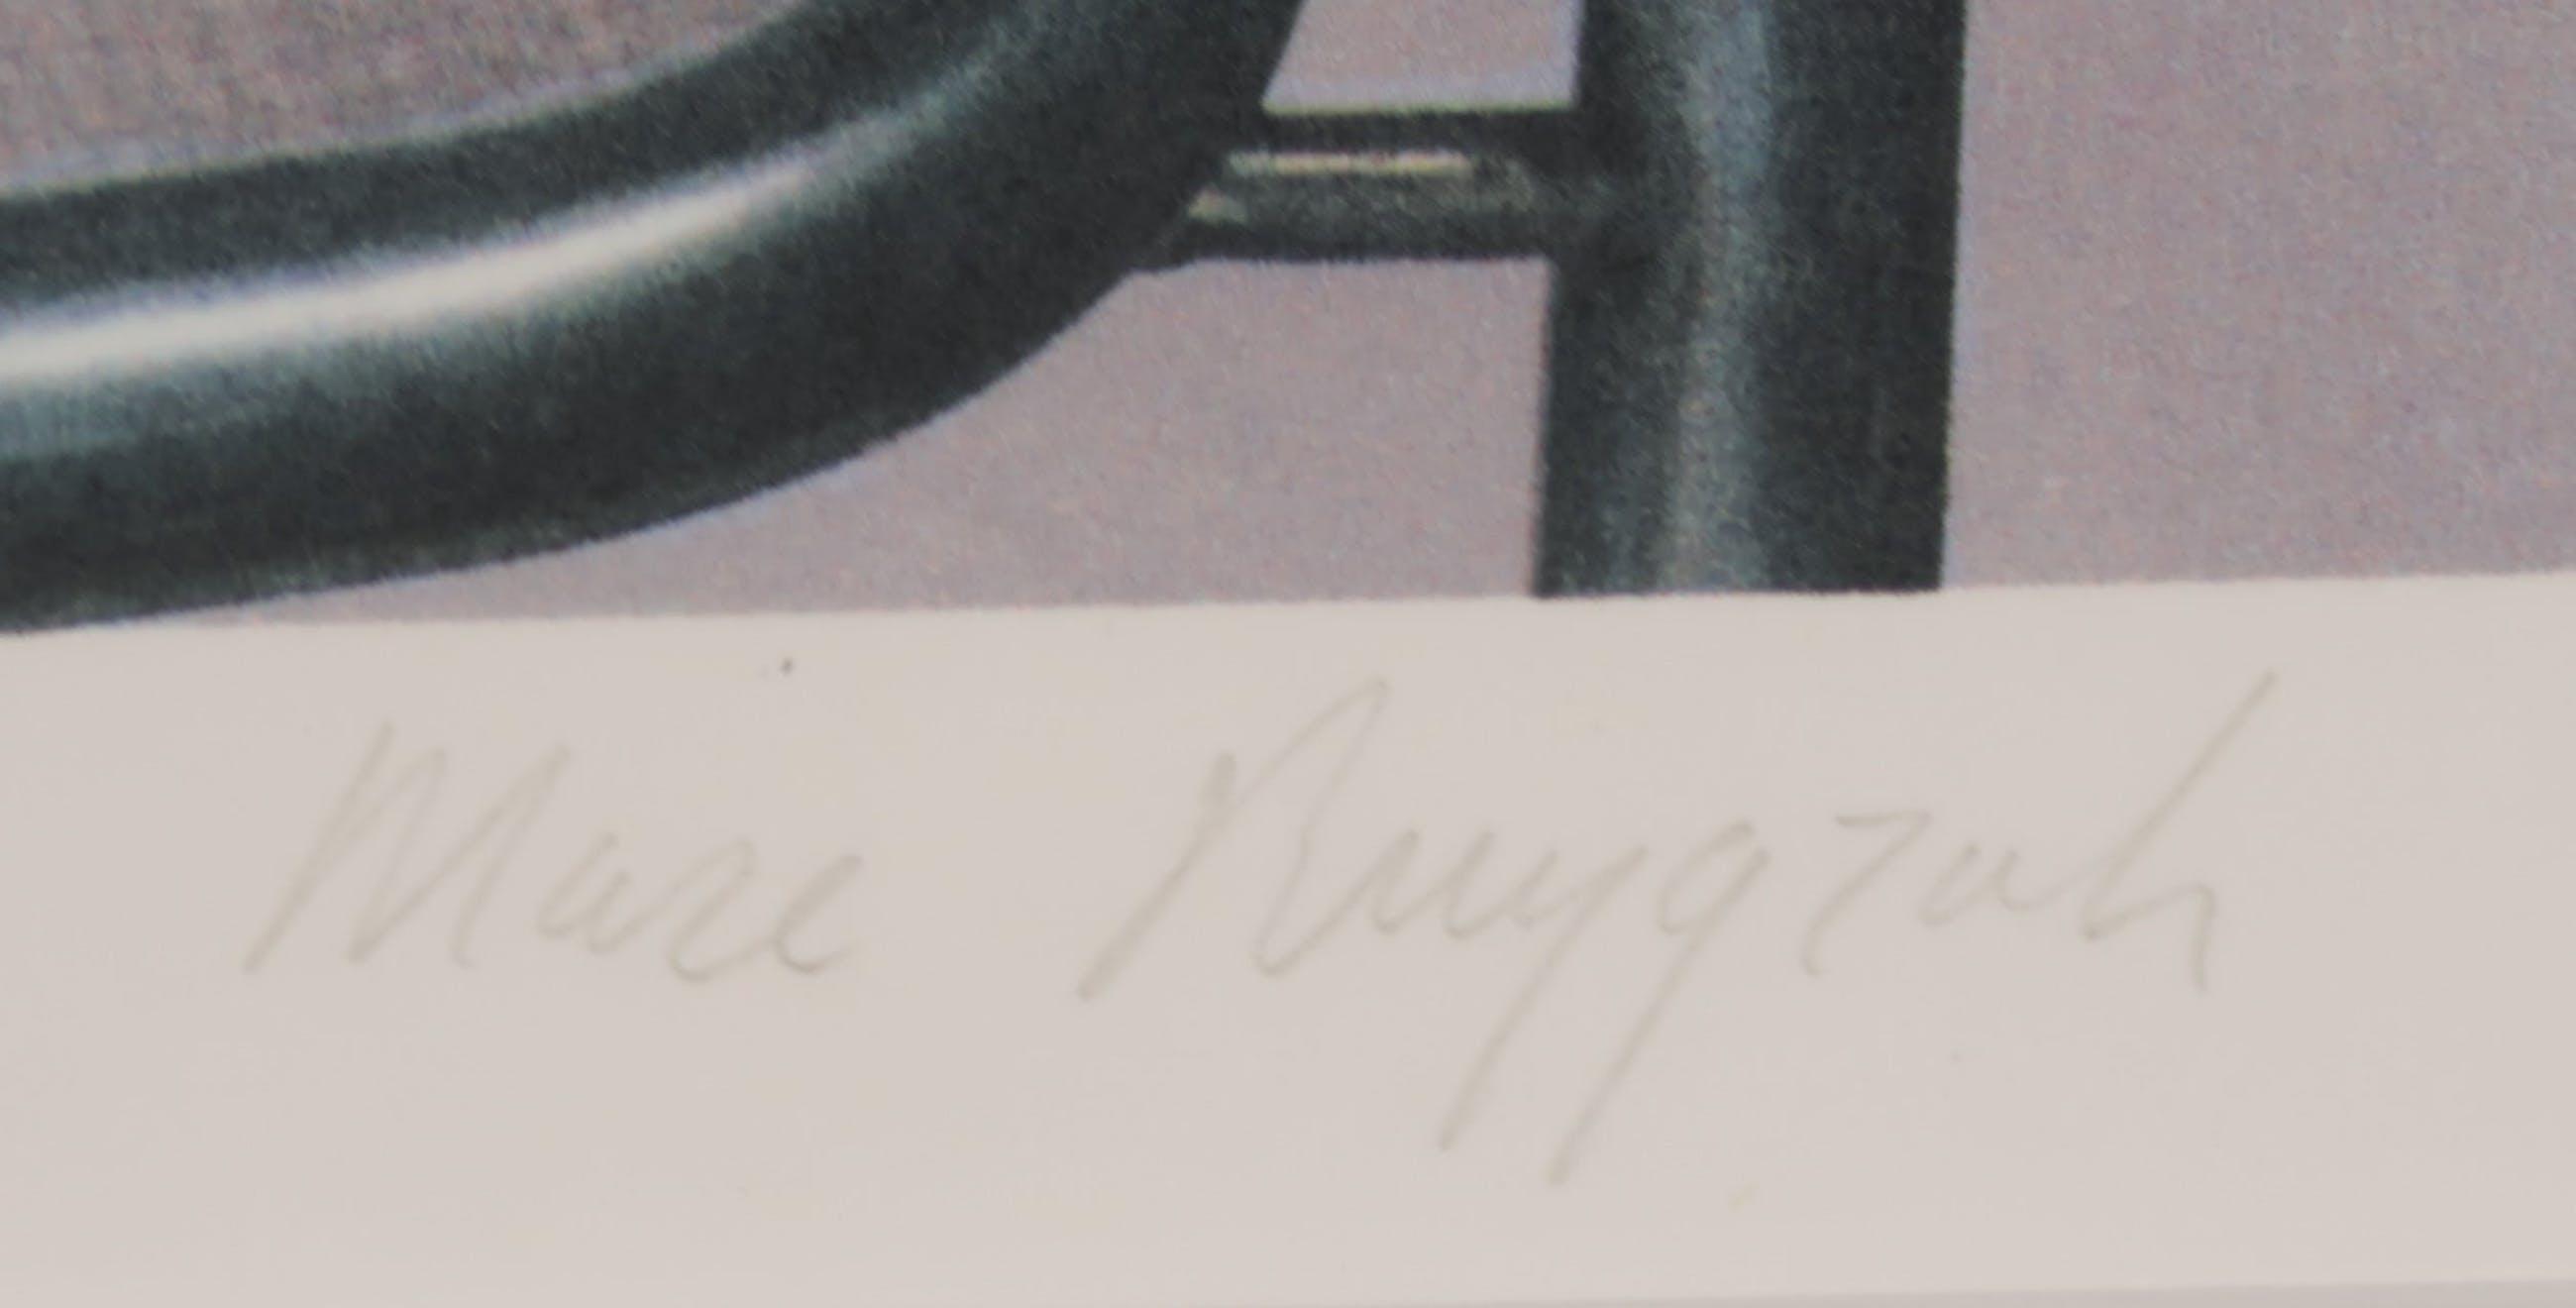 Marc Ruygrok - Piezografie, Heaven and Hell 2, Gesigneerd, 1995 kopen? Bied vanaf 40!